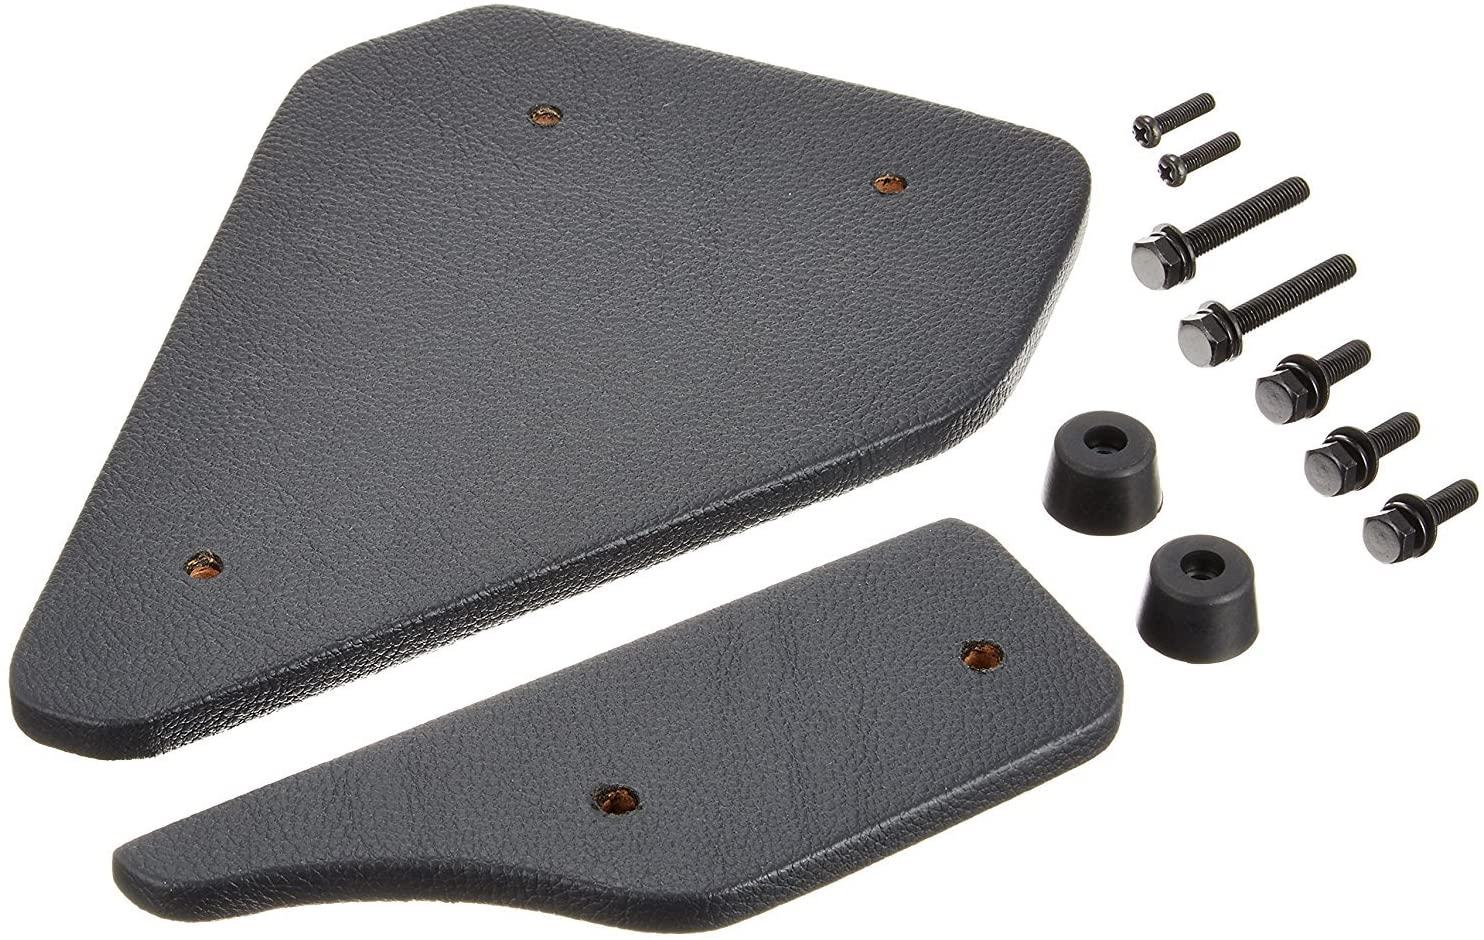 TRD Knee Pad Spacer (MS354-18002)